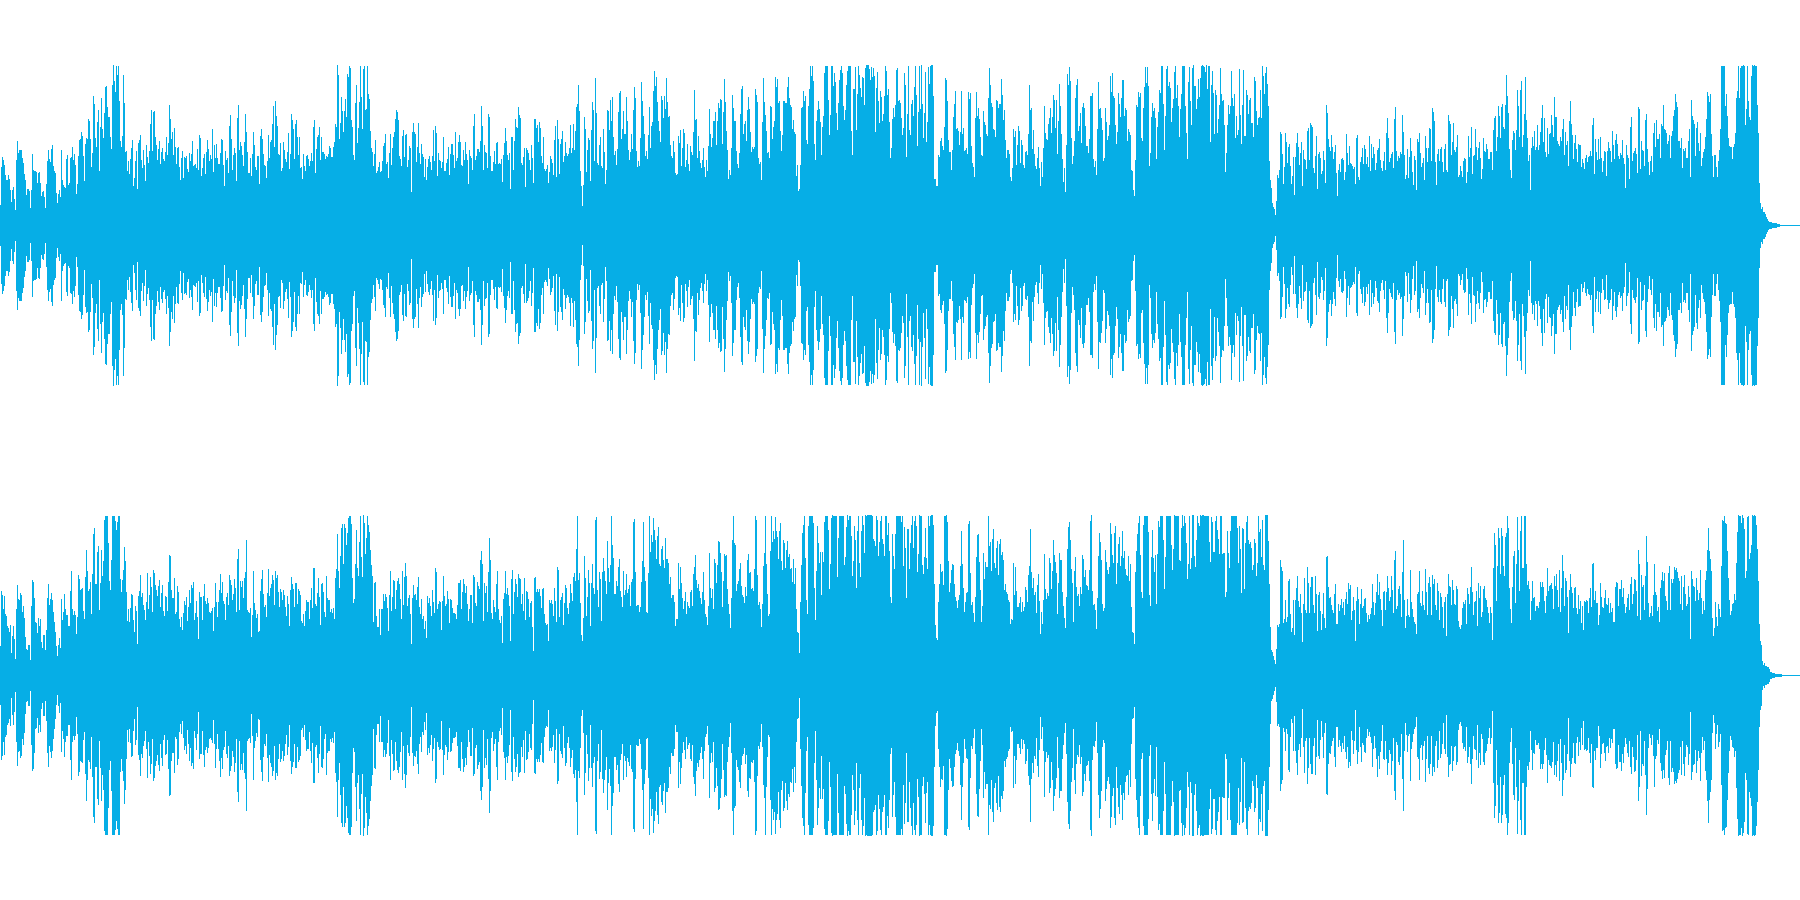 明るくコミカルな映像向けオーケストラの再生済みの波形